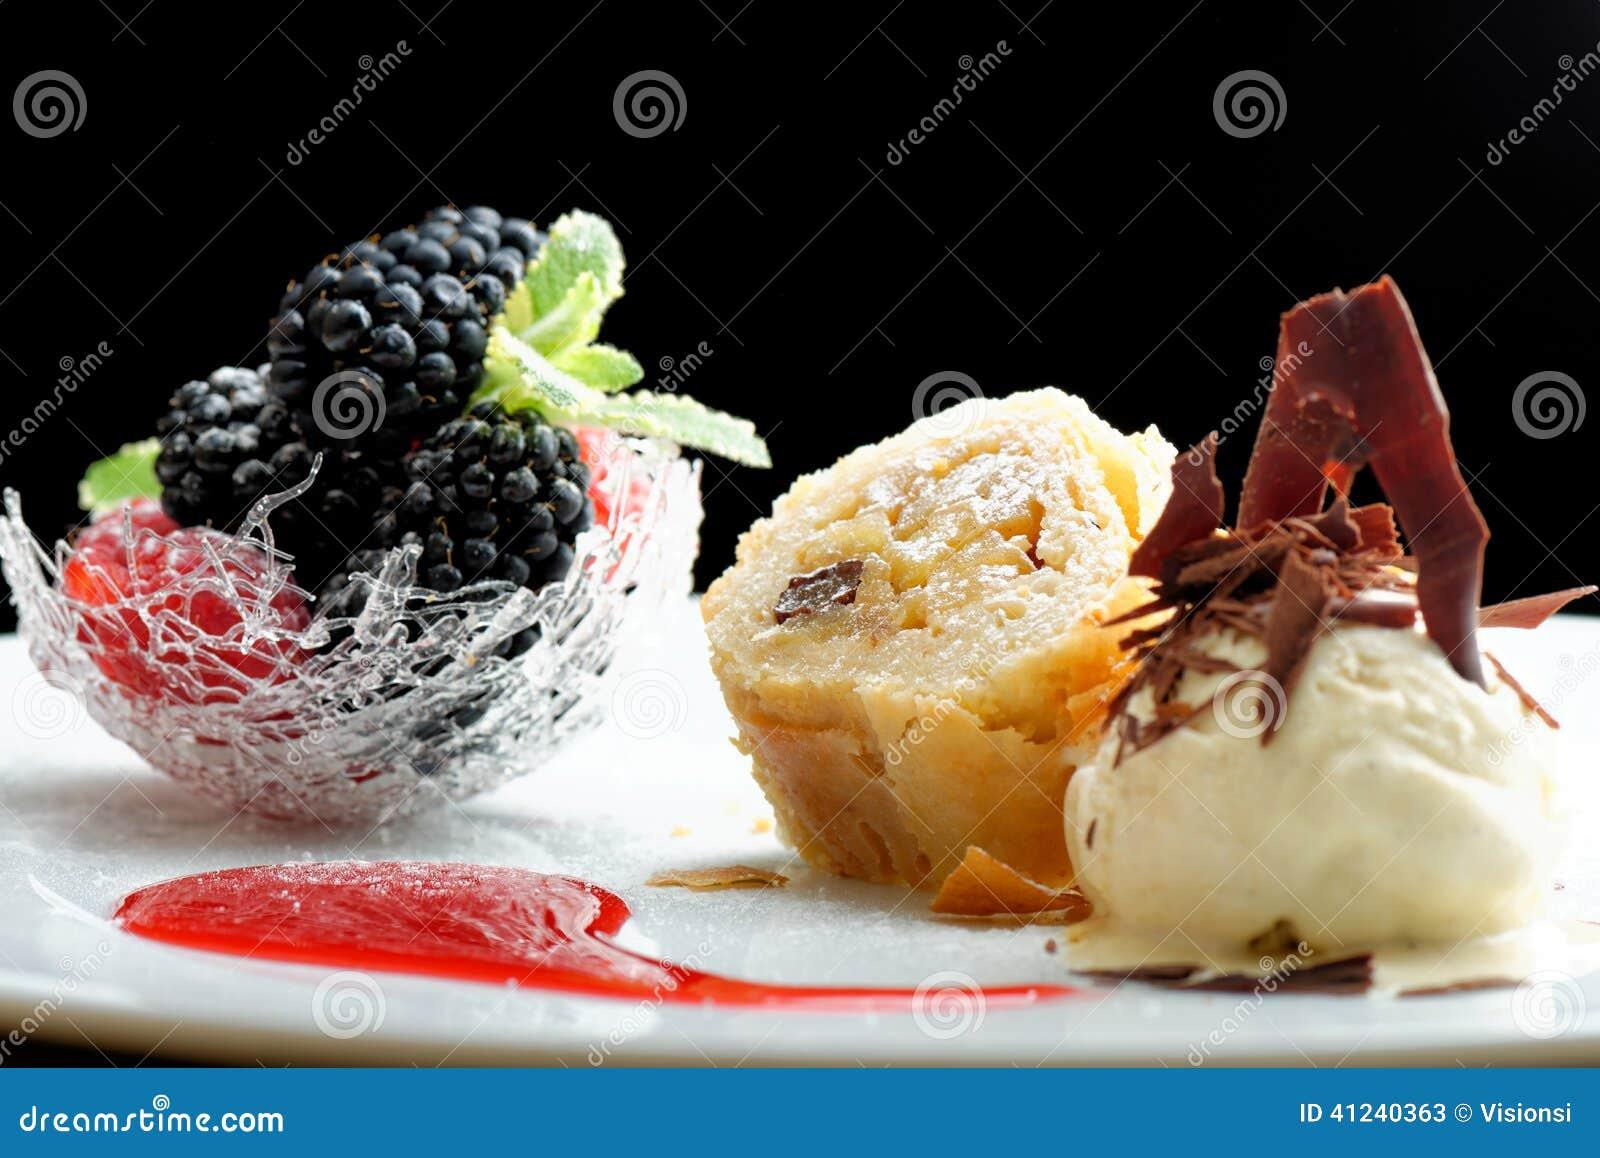 haute cuisine strudel avec la cr 232 me glac 233 e et dessert de baies sur la table de restaurant photo